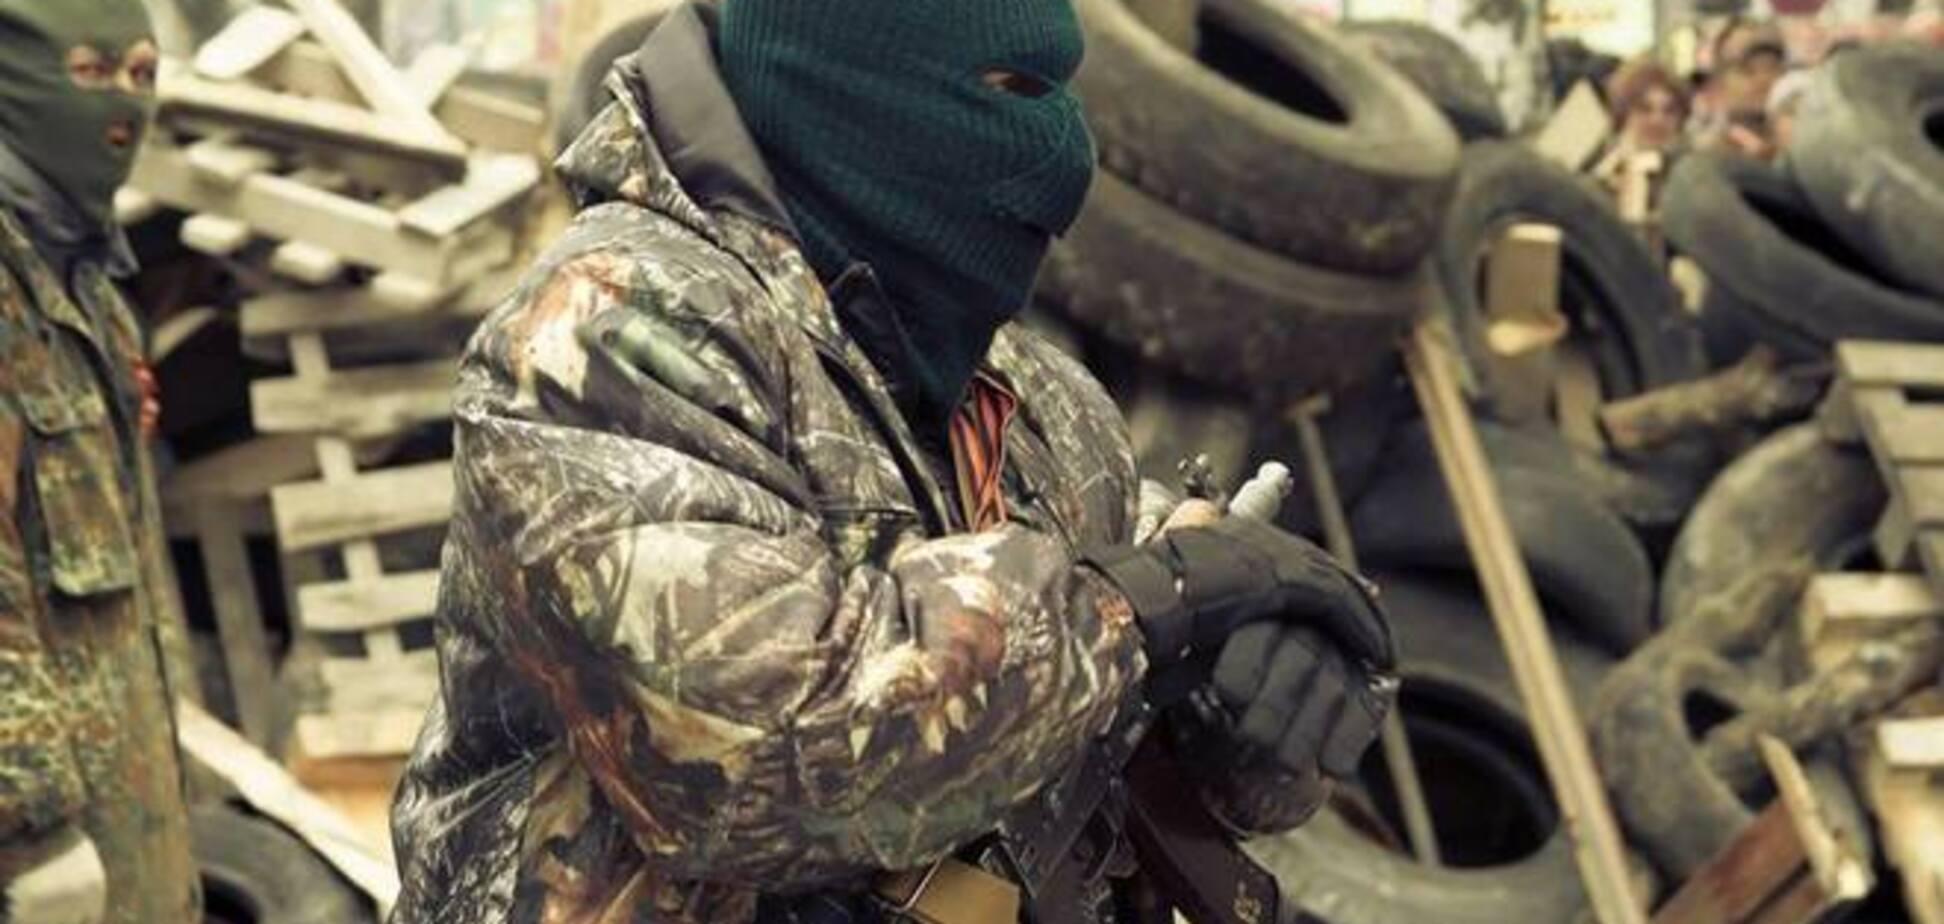 На Луганщине в Краснодоне террористы захватили здание СБУ